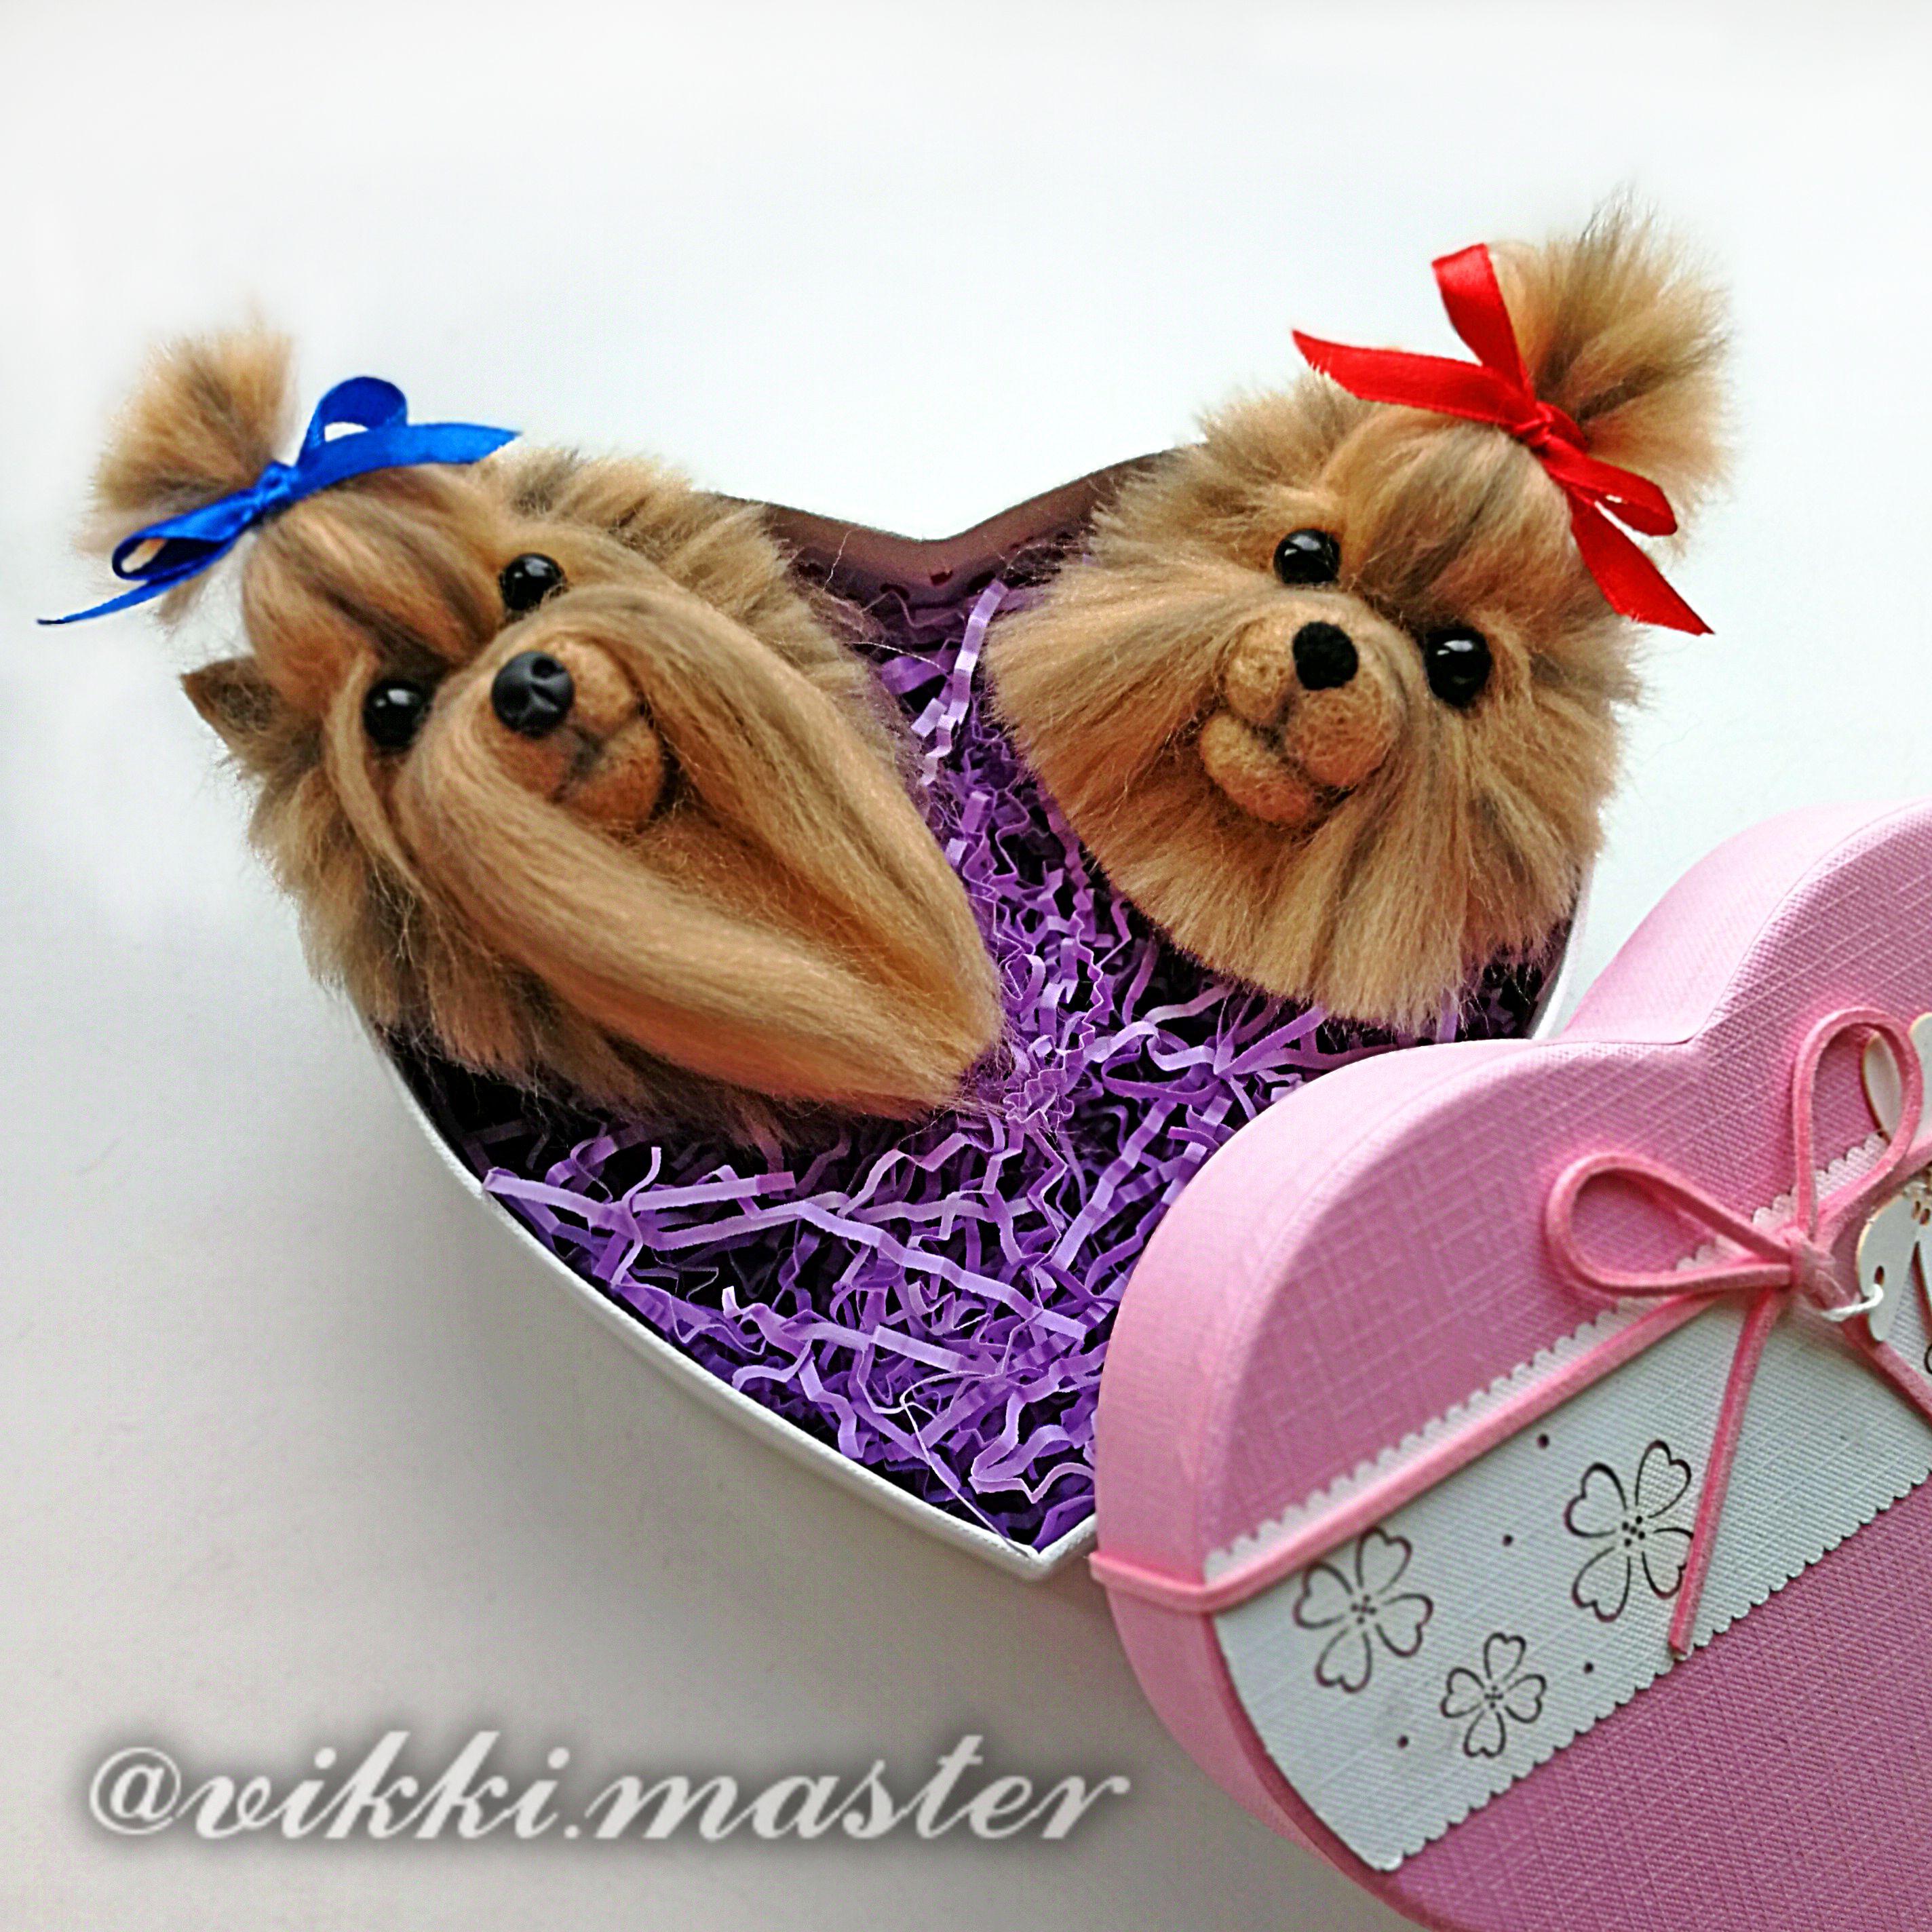 подарок брошь собаководов для звероброшь йорчка терьер йоркширский йорк собак выставка игрушка портрет миниатюра